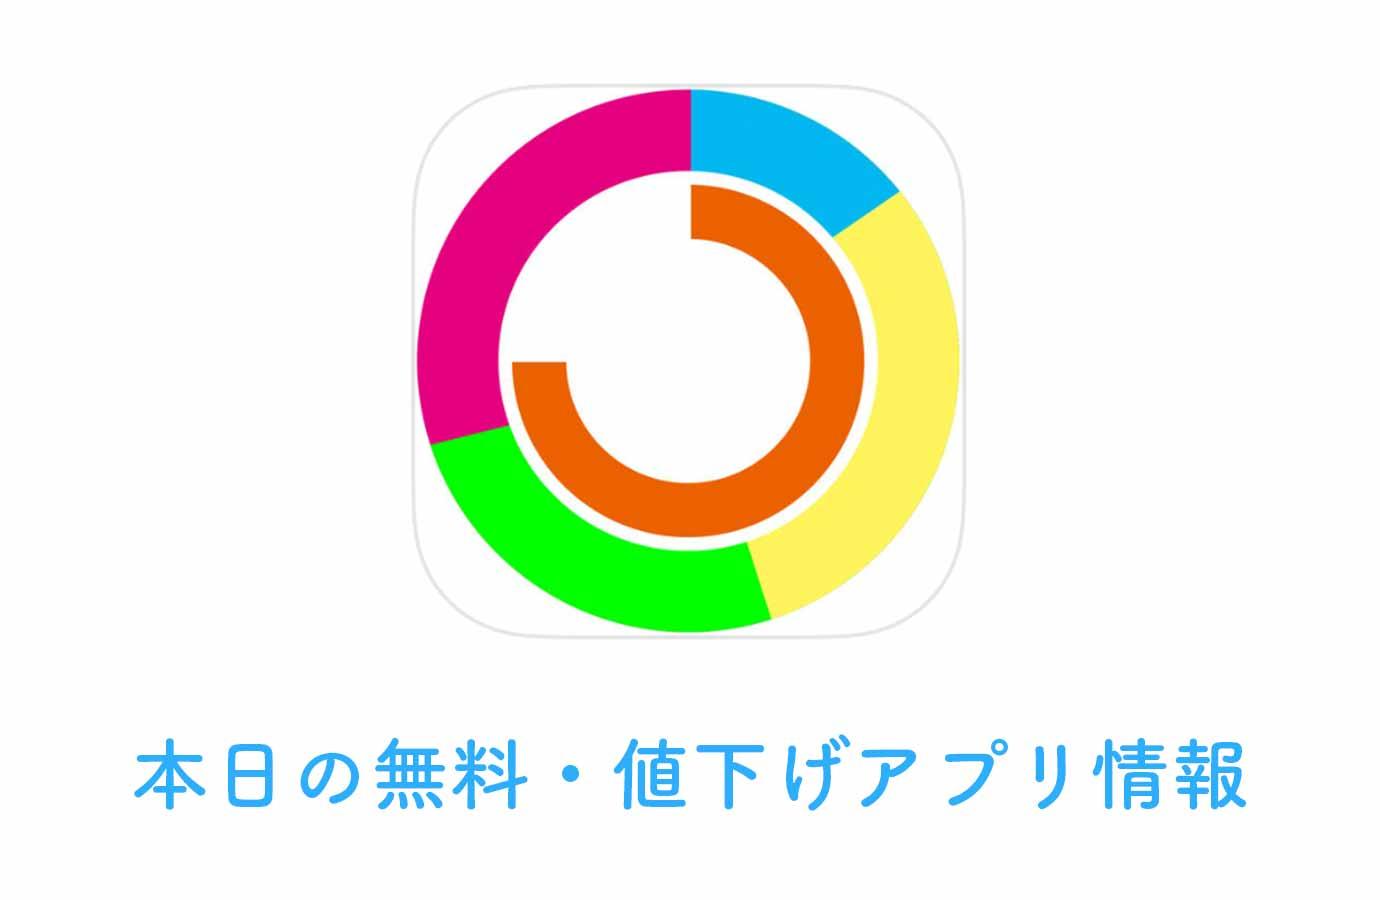 360円→無料、1日の時間の使い方を管理できる「Timeline Tracking」など【4/25】本日の無料・値下げアプリ情報